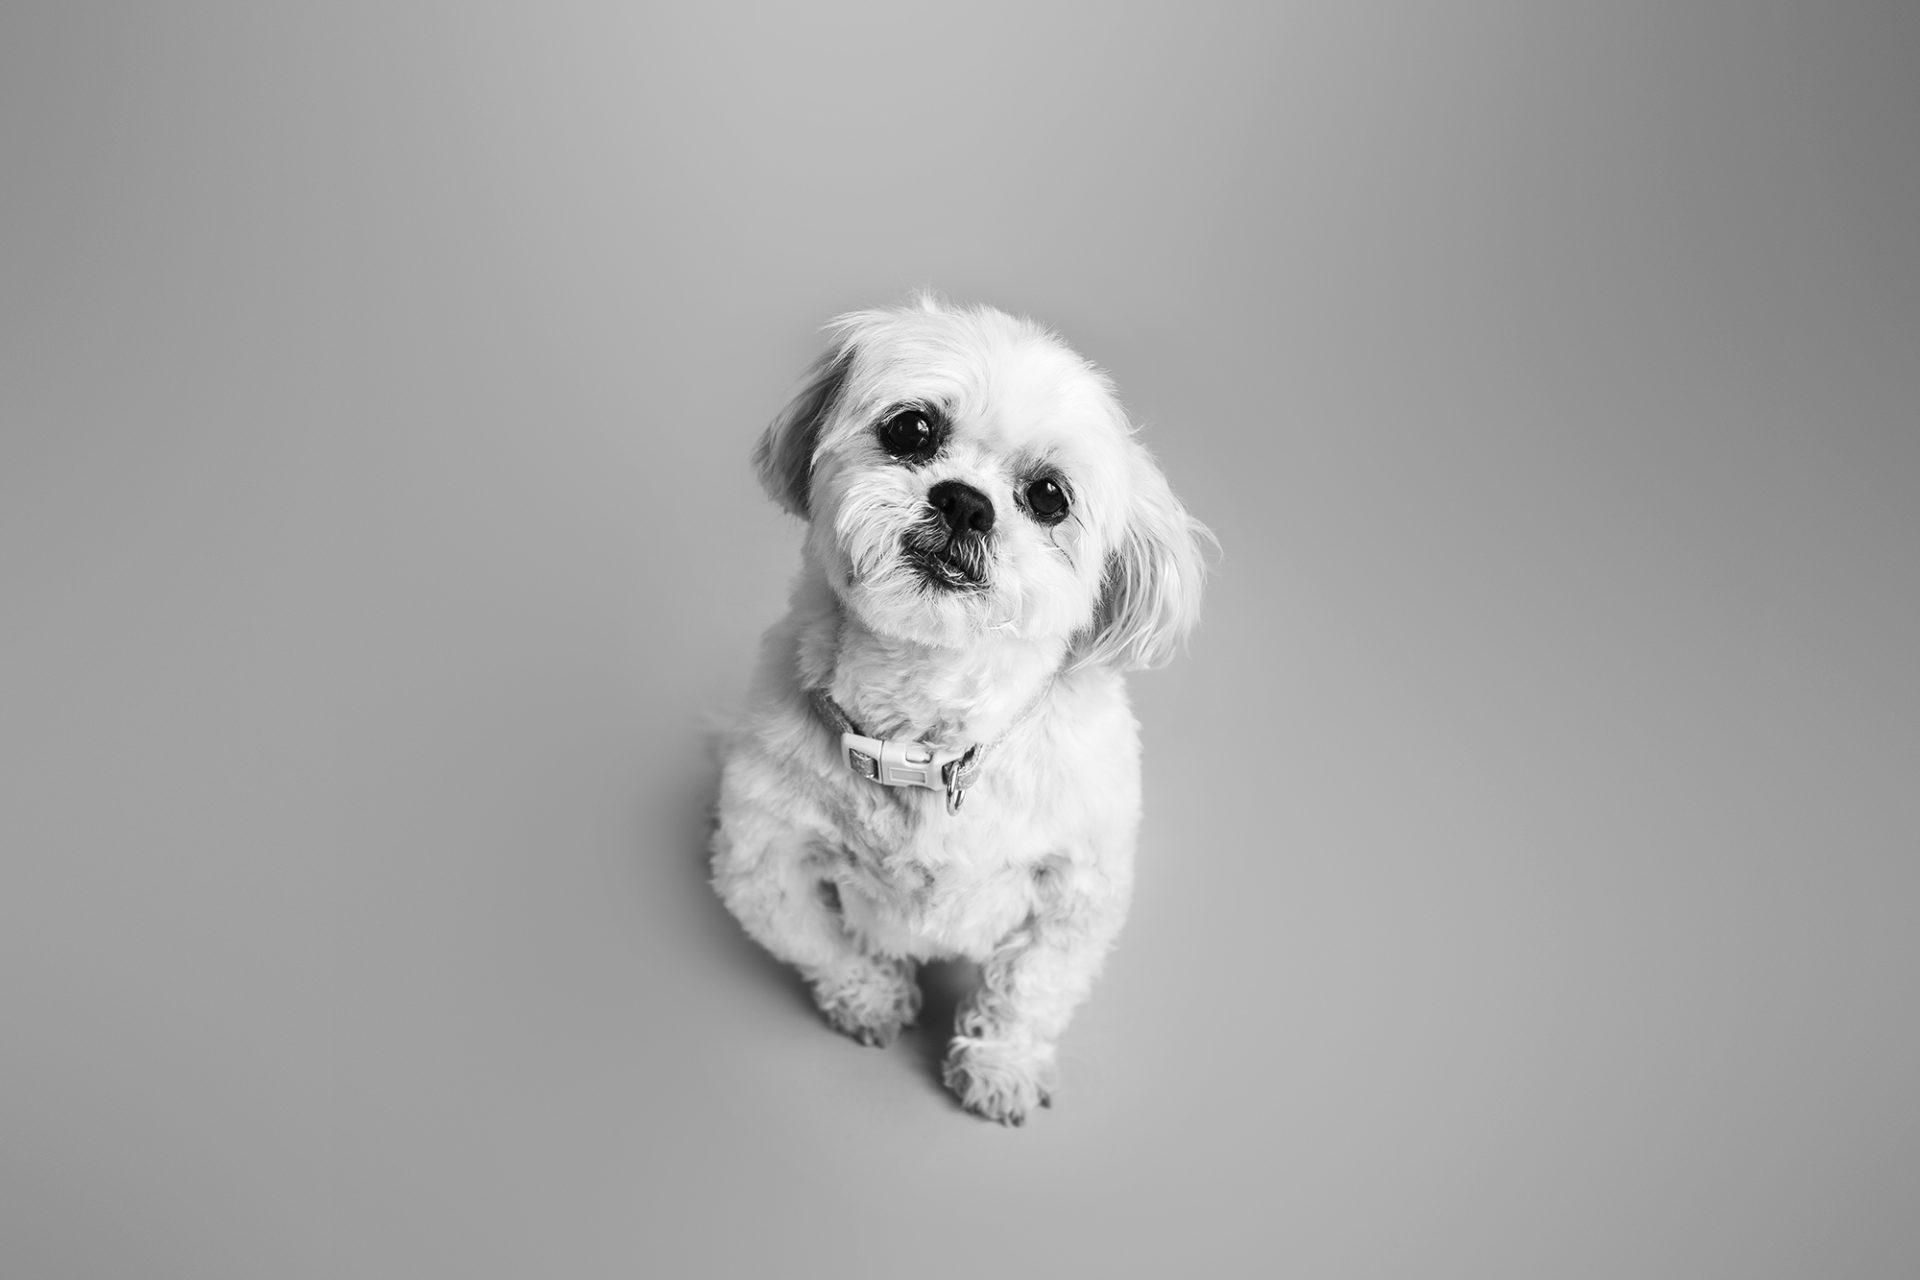 Shitzu pet portrait